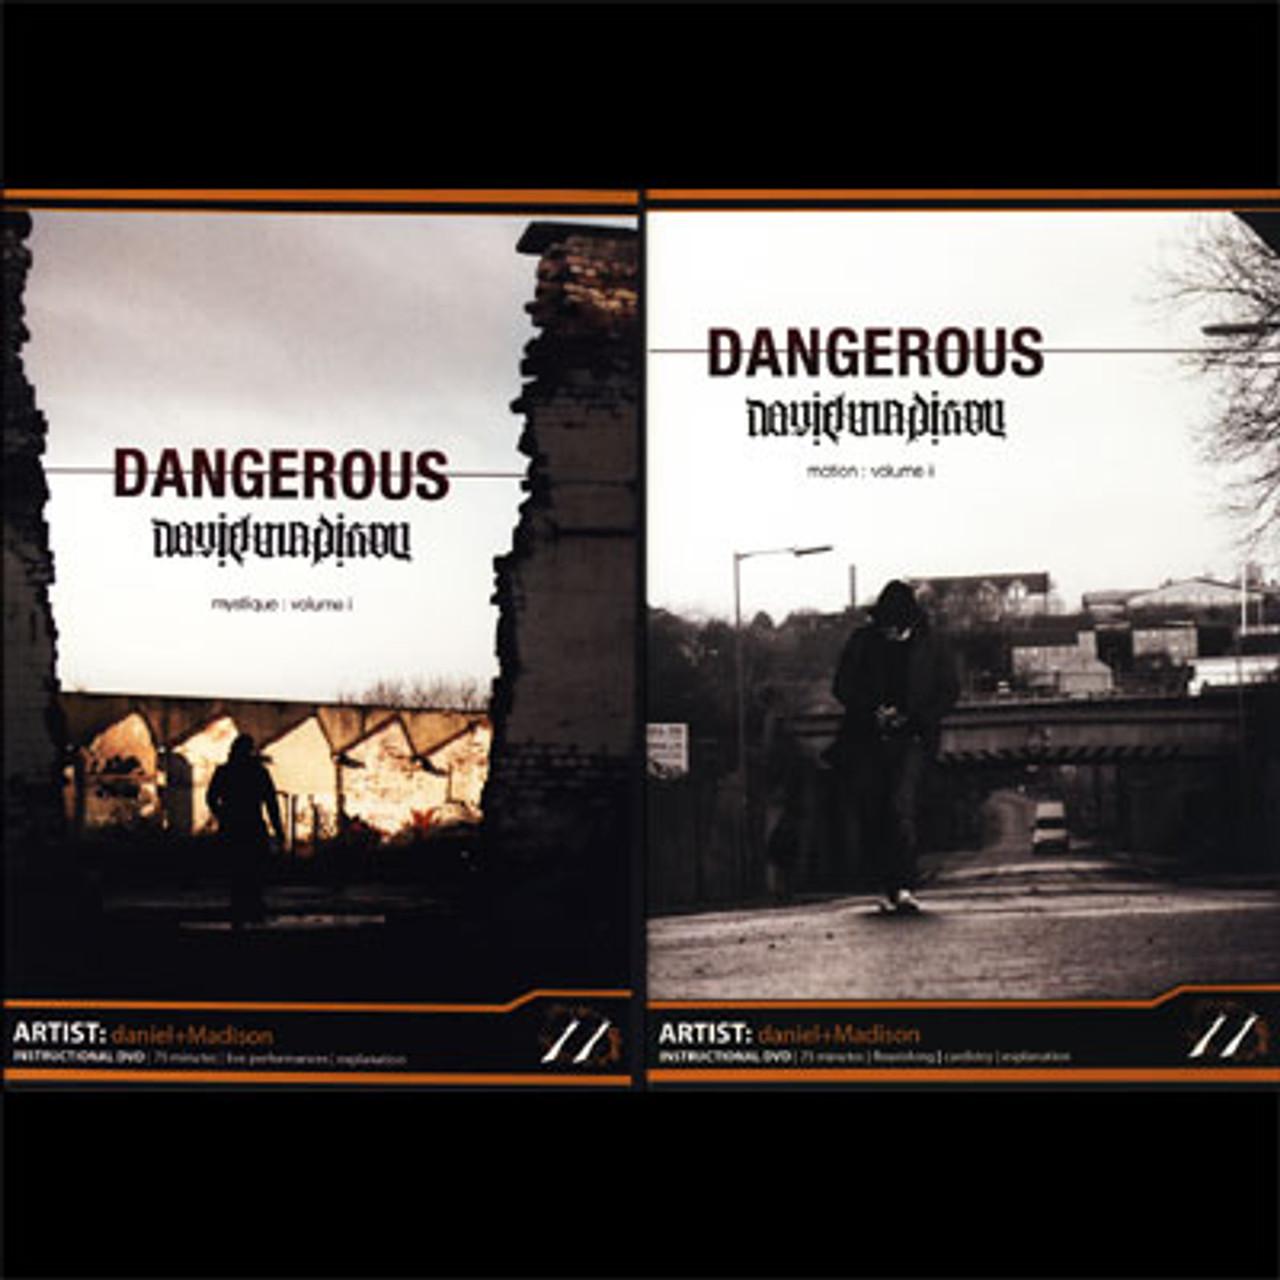 Dvd - Dangerous David Madison